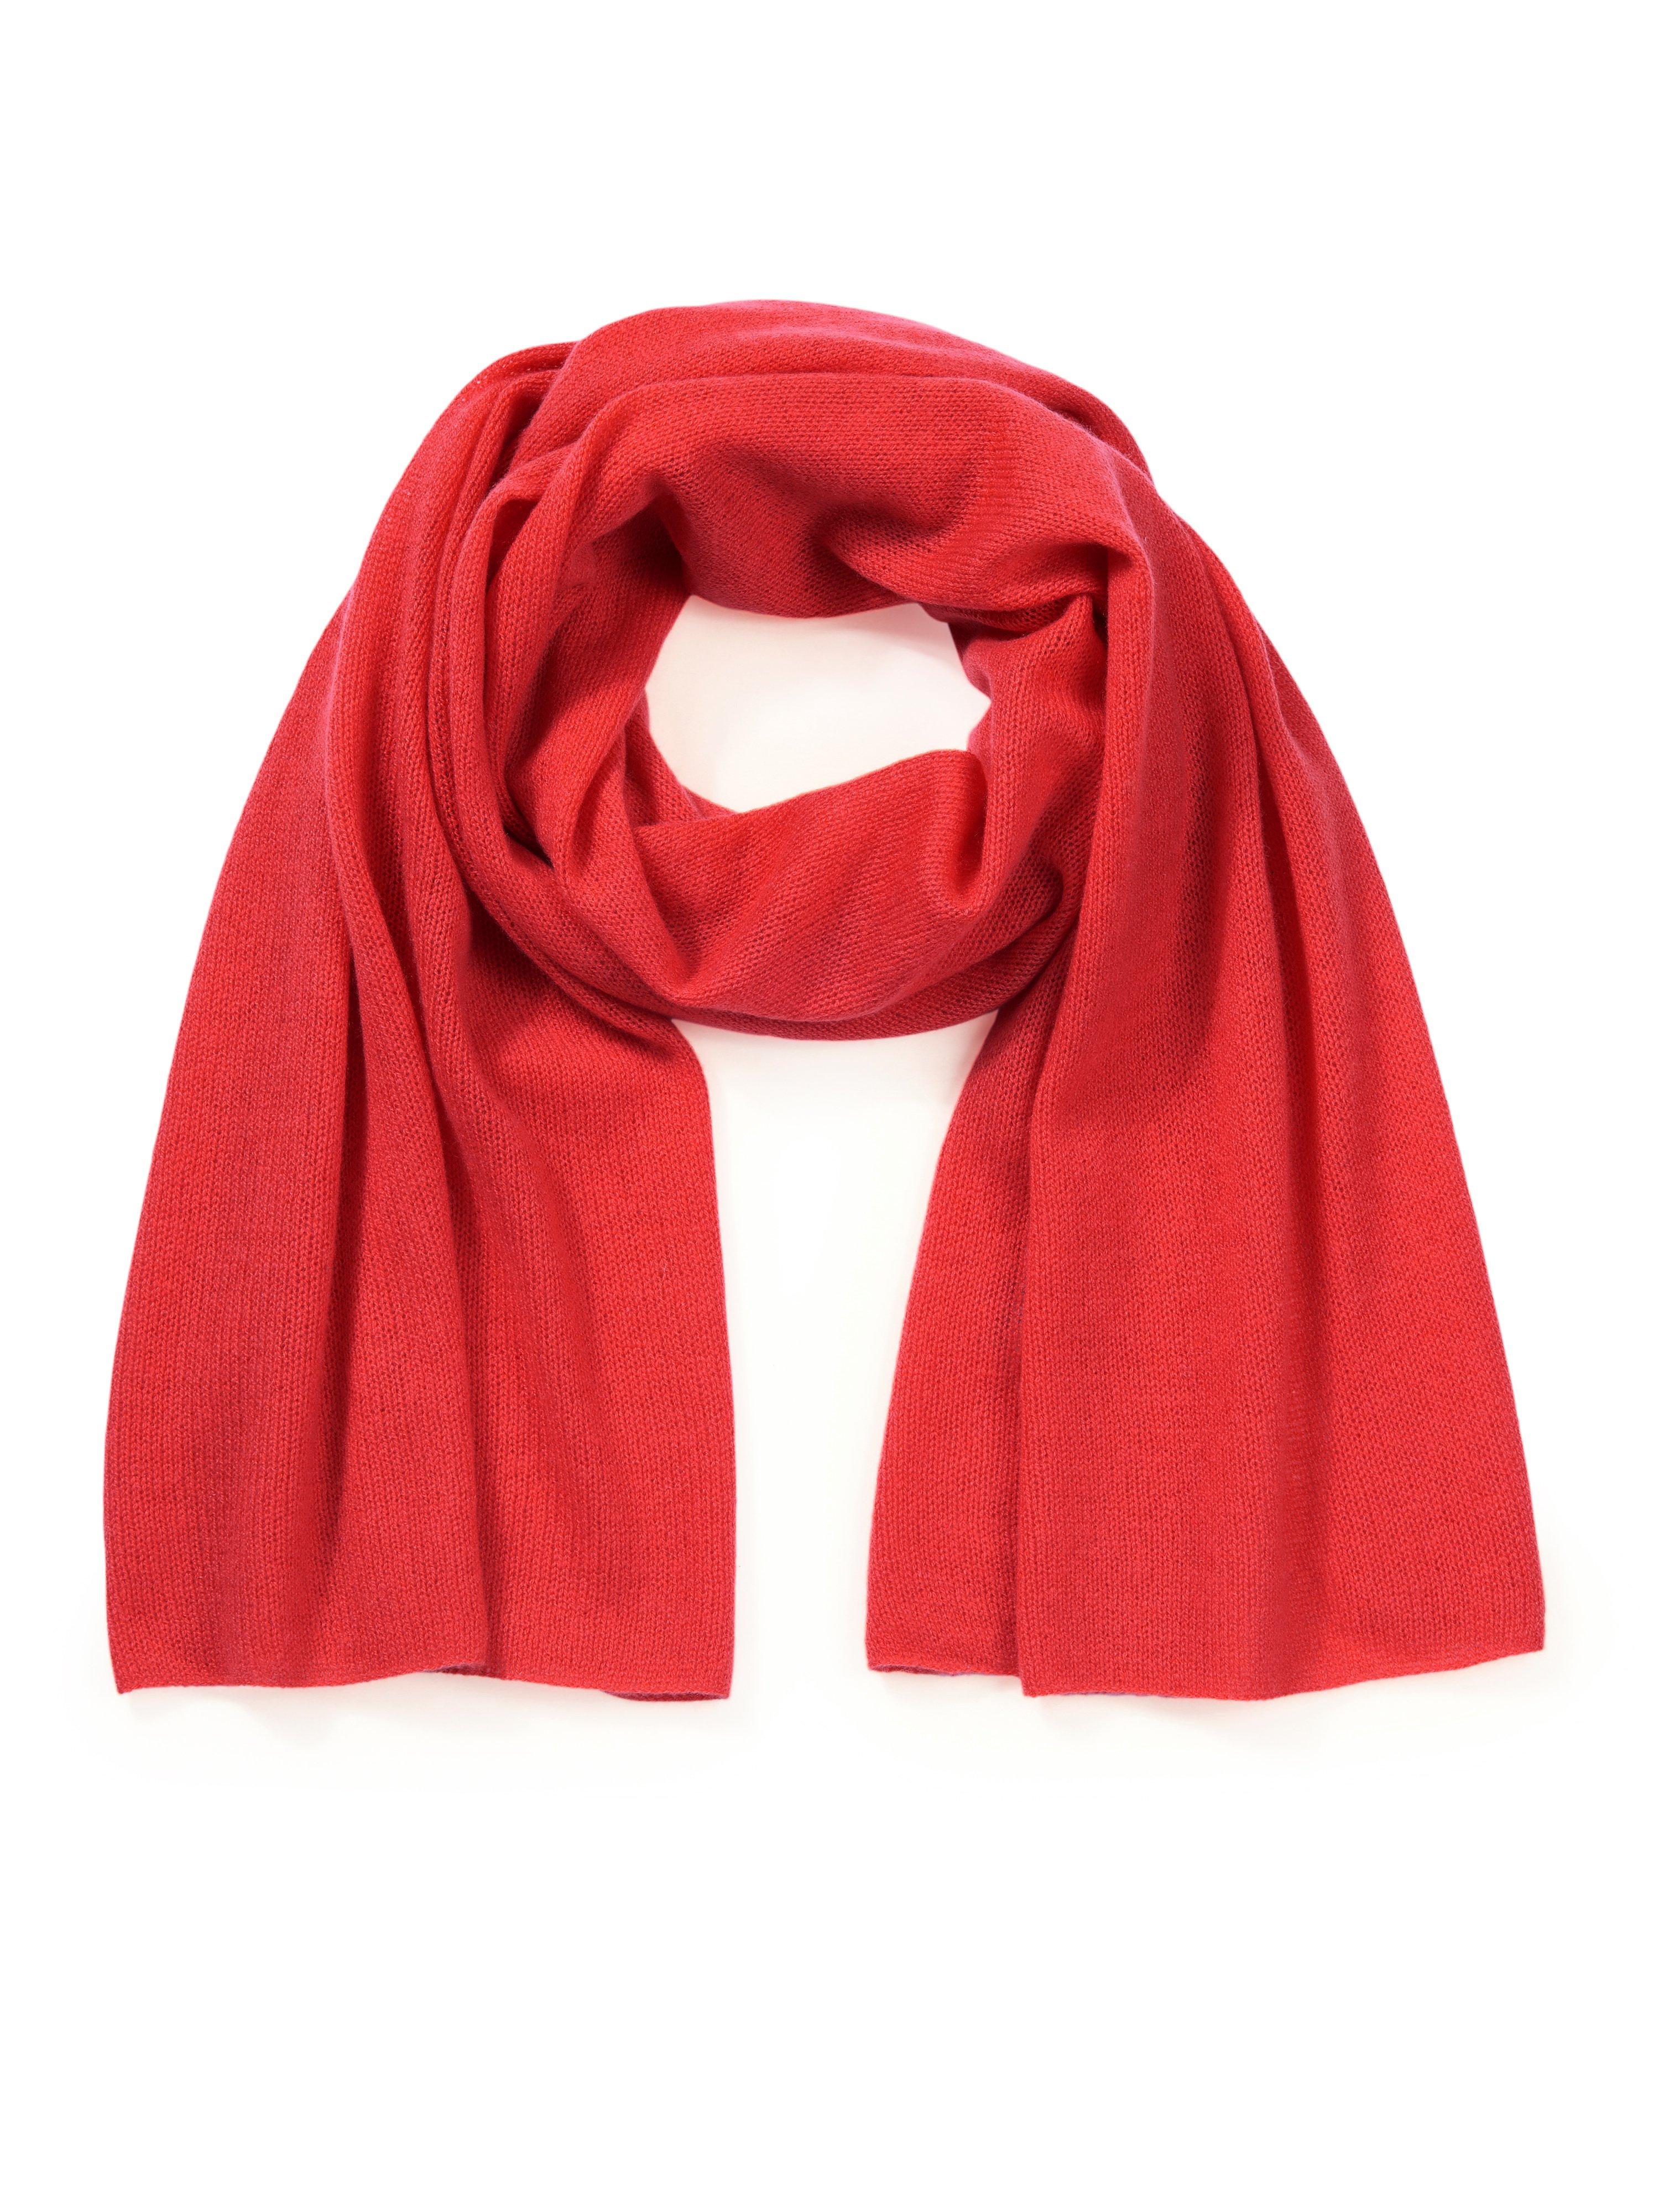 Sjaal 100% kasjmier Van Peter Hahn Cashmere rood